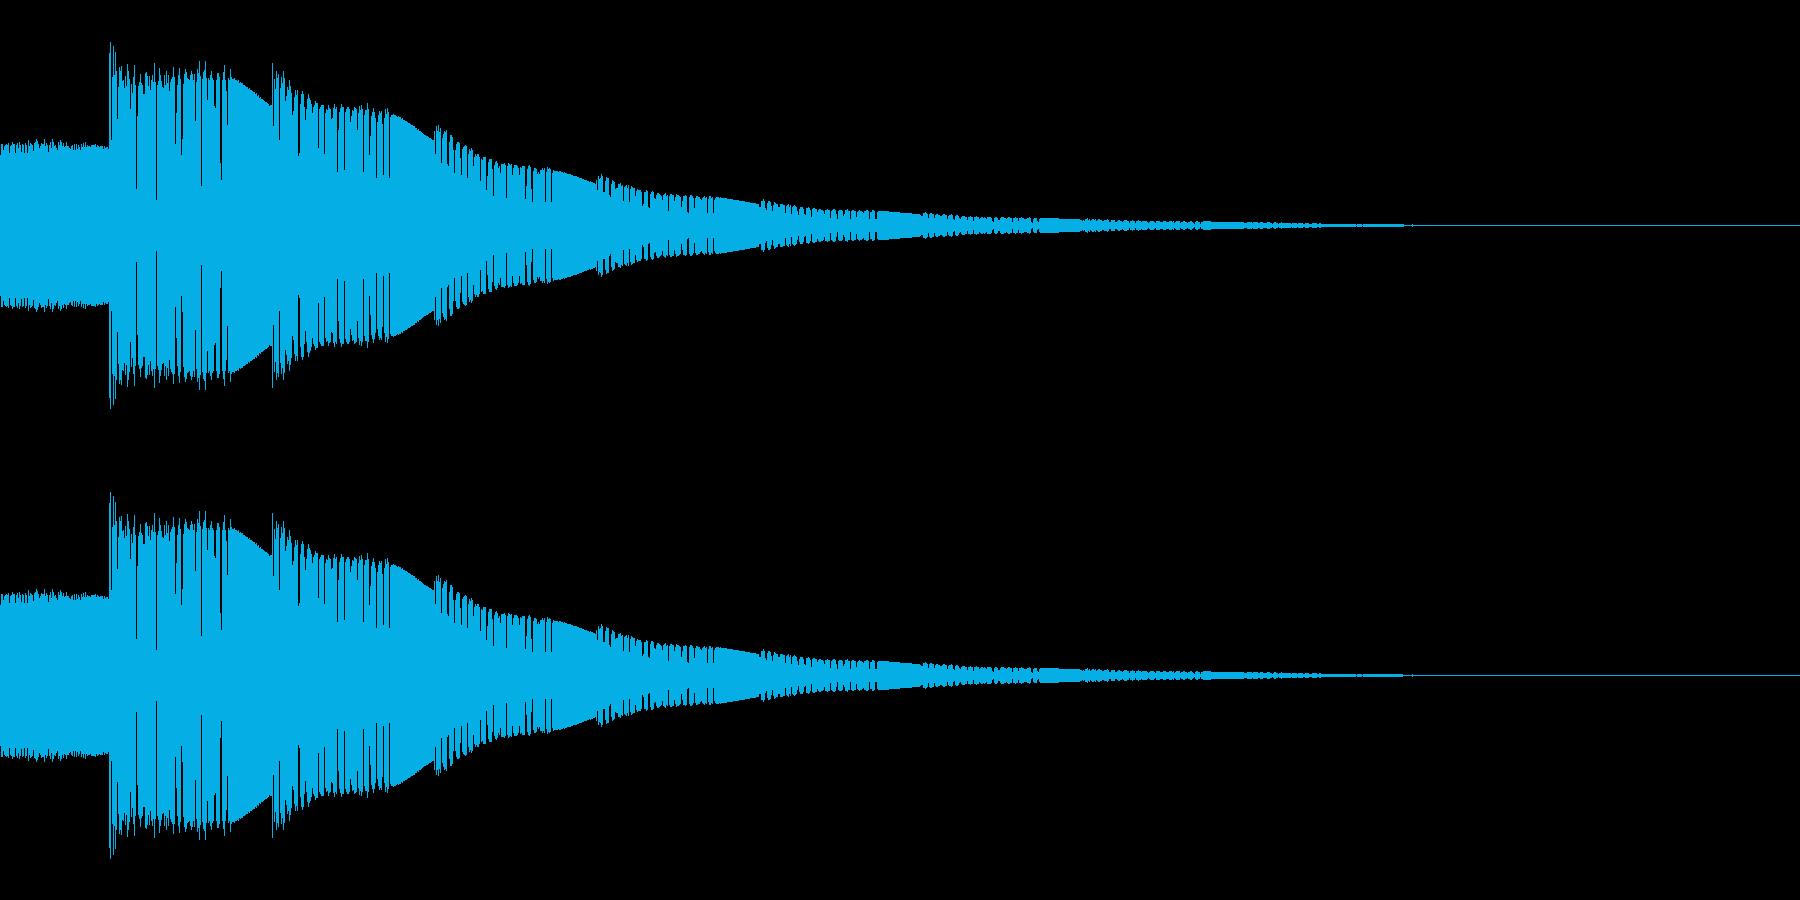 ピコーン(選択音/SF/宇宙/宇宙船)の再生済みの波形